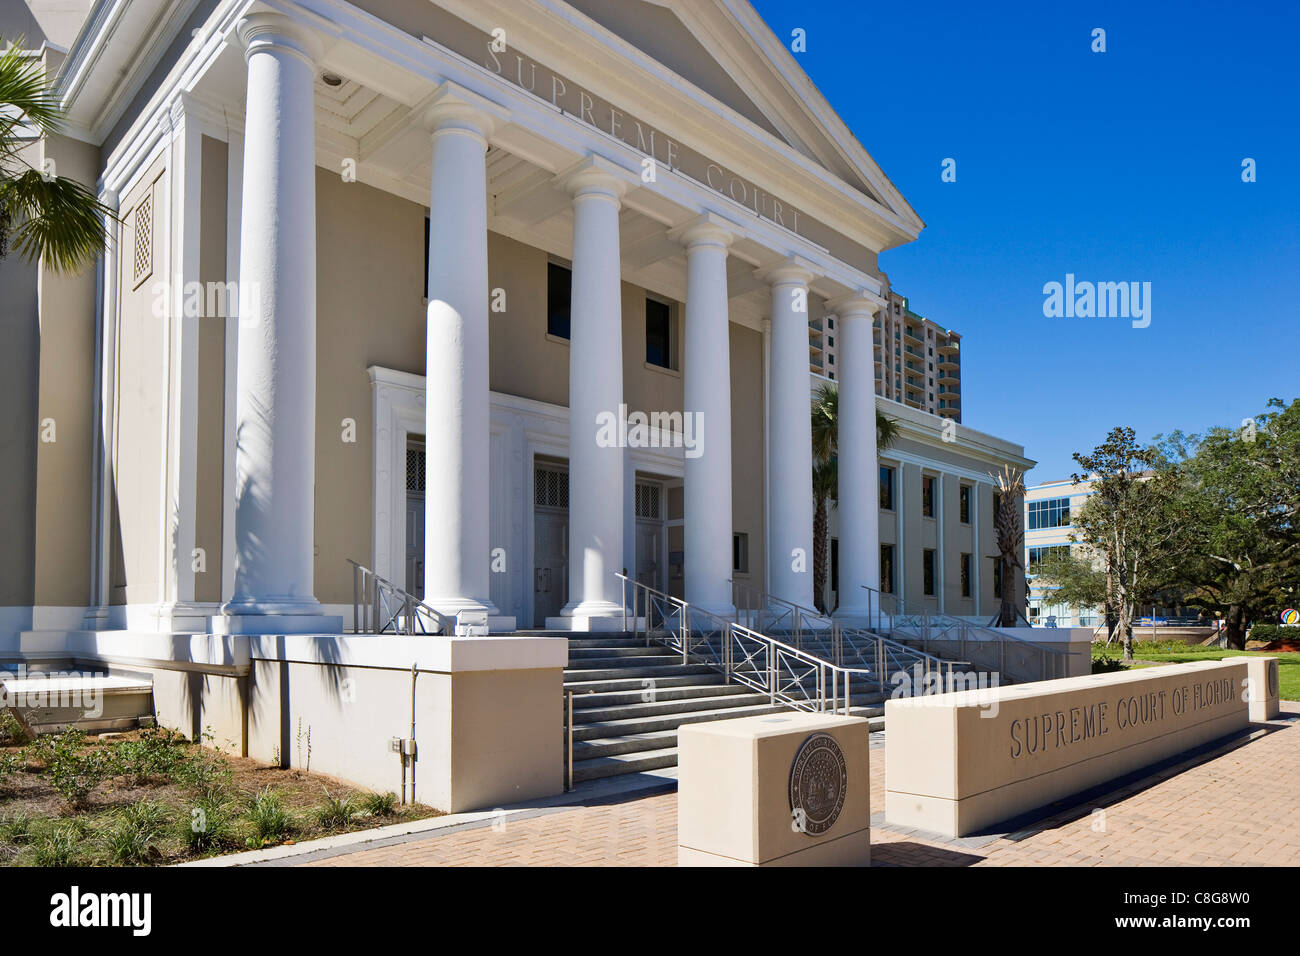 La Cour suprême de l'État de Floride, Tallahassee, Florida, USA Banque D'Images